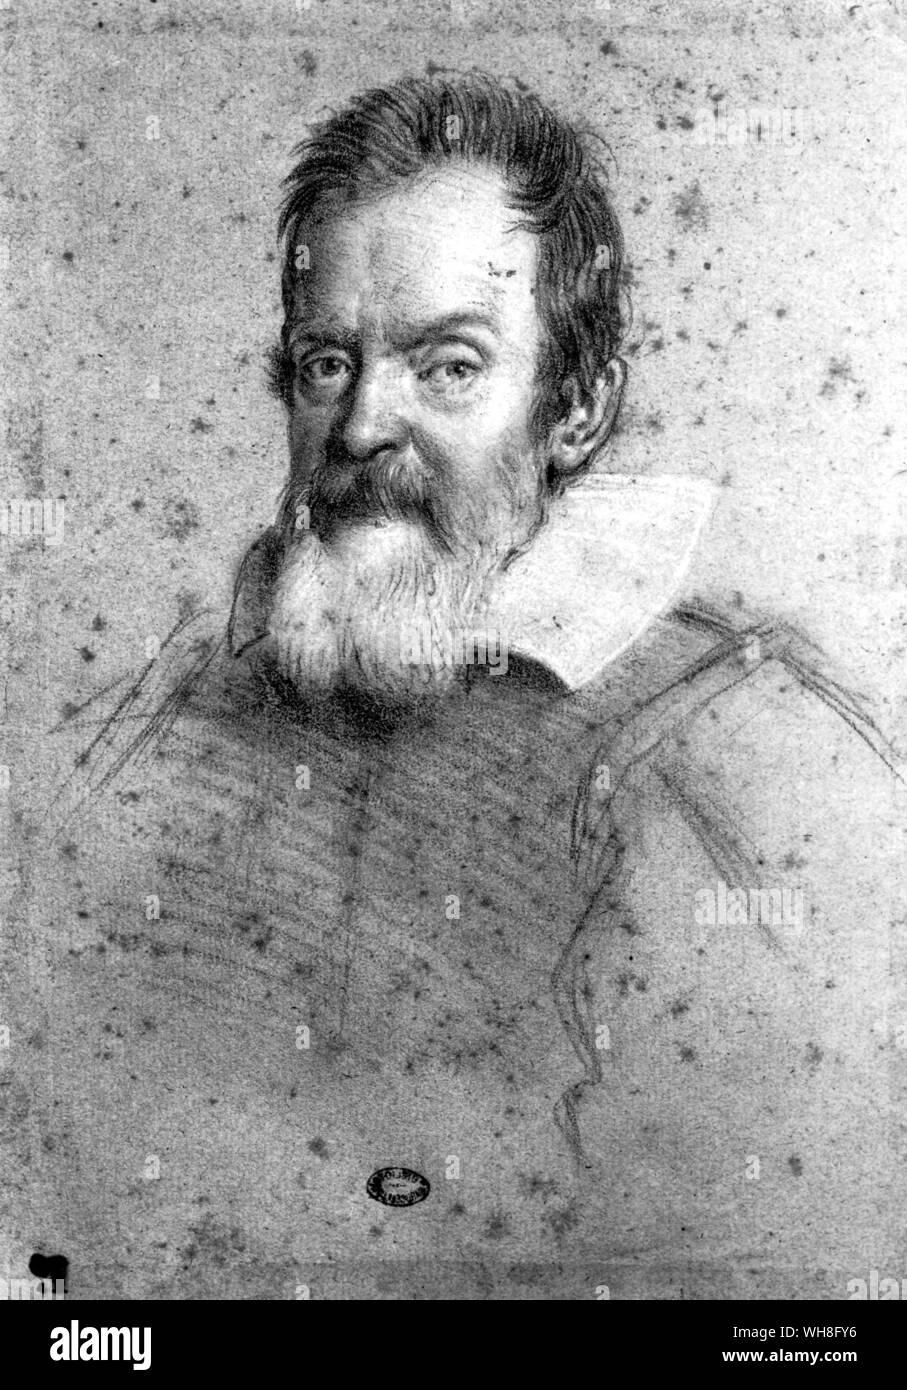 Portrait von Galileo (1564-1642), italienischer Mathematiker, Astronom und Physiker. . . Stockfoto